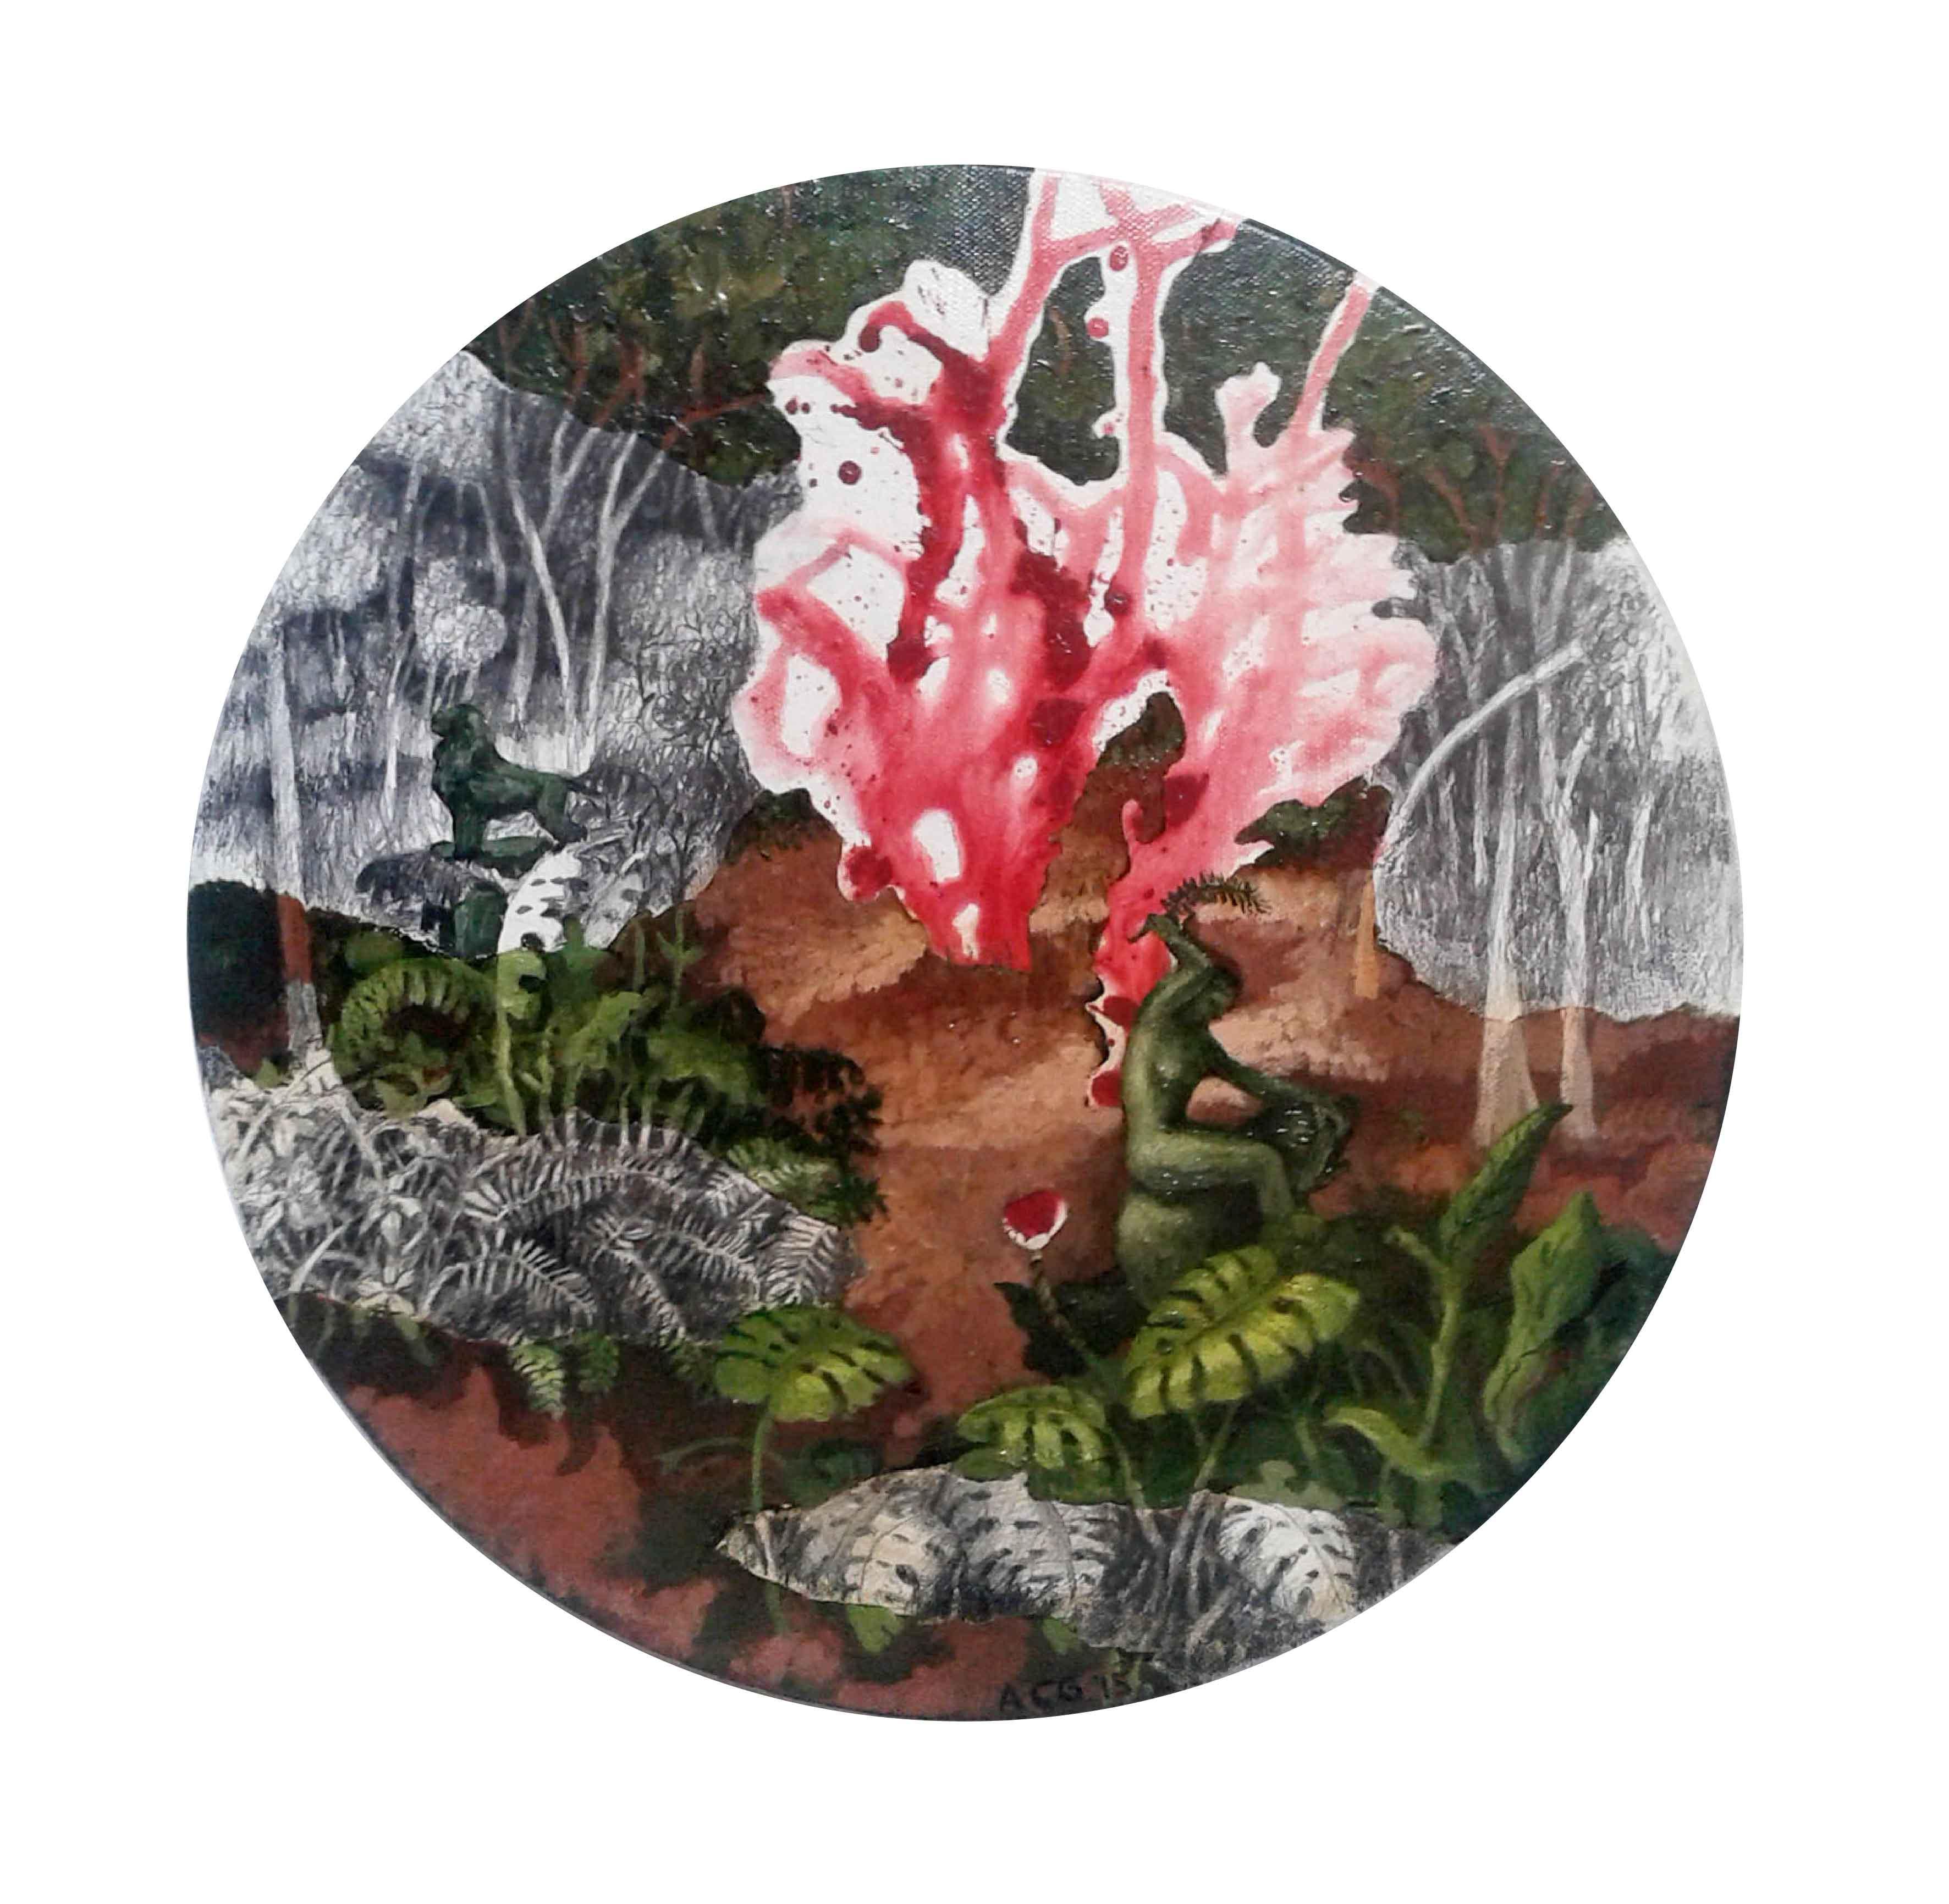 Jardin de Plantas